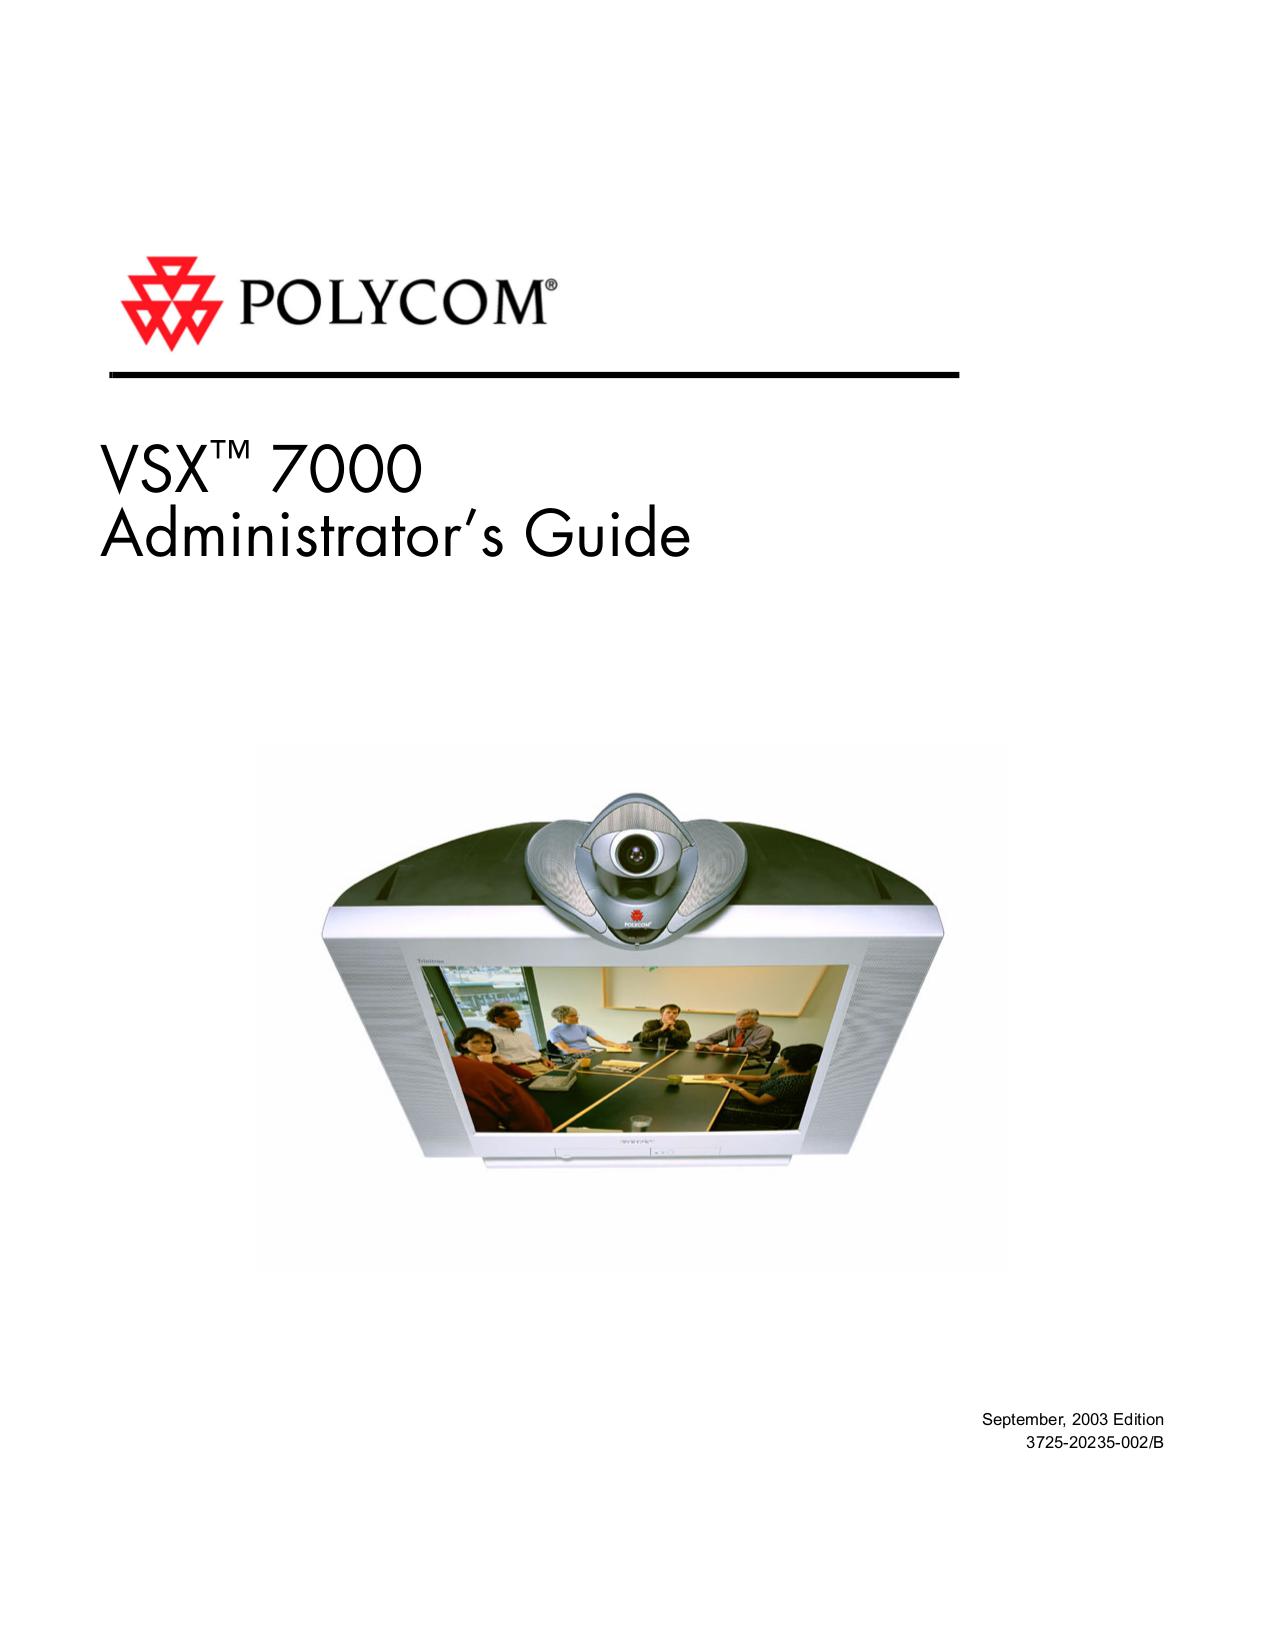 Cisco Vcs manual